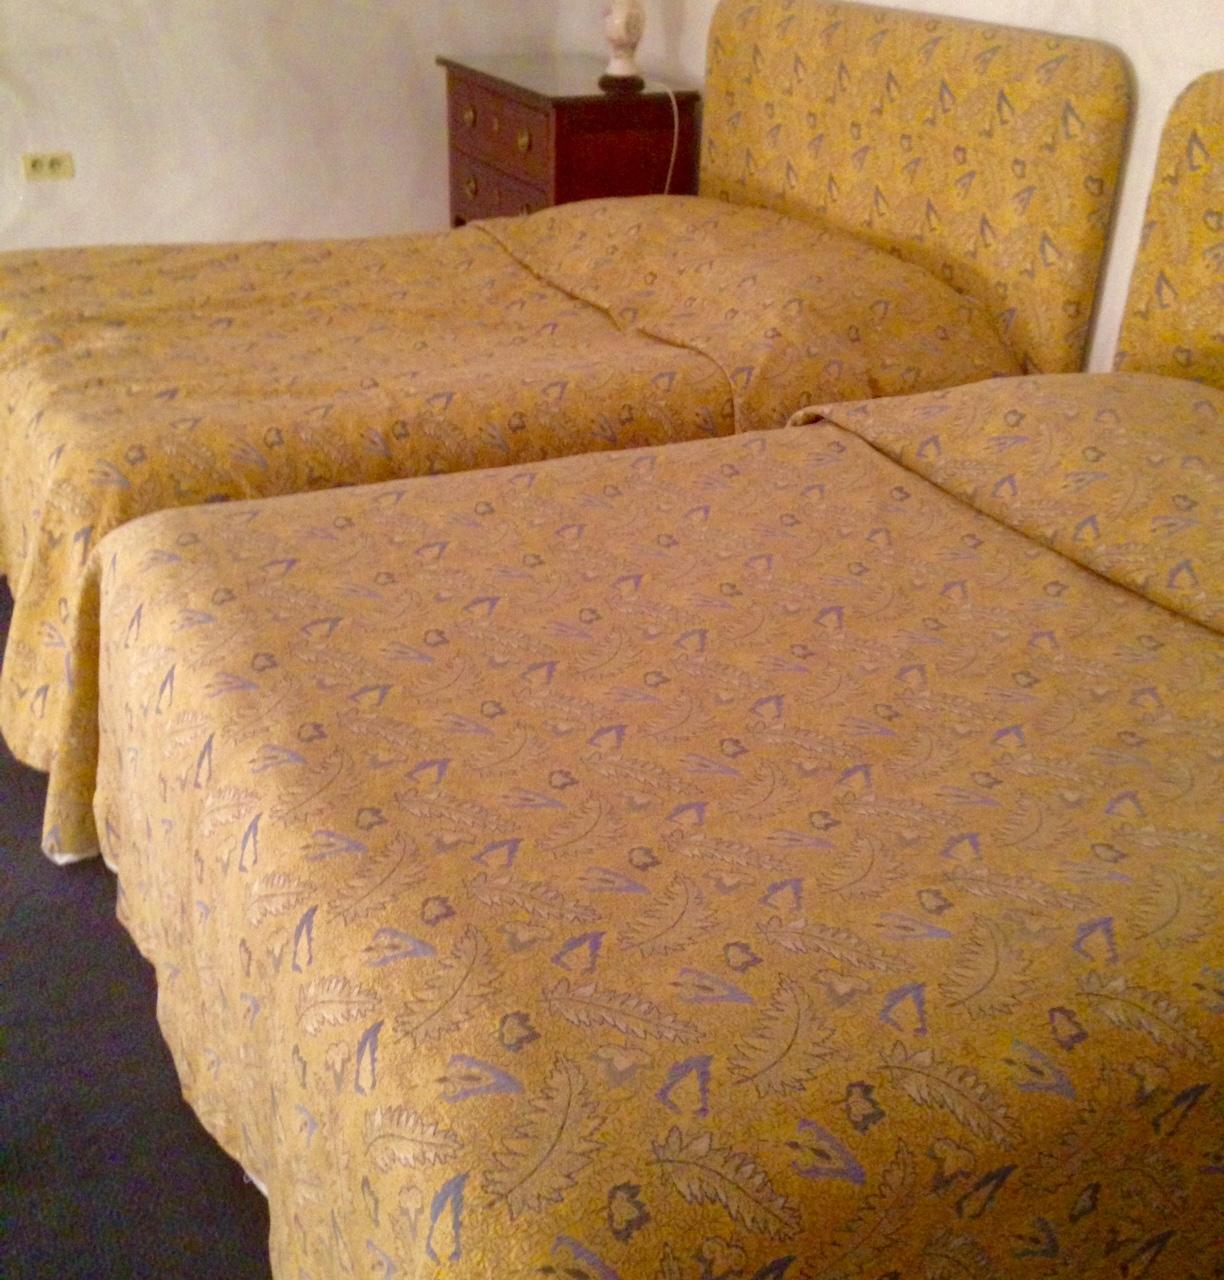 Chateau-dEsclimont_lamodecnous.com-la-mode-c-nous_livelamodecnous.com_live-la-mode-c-nous_lmcn_livelamodecnous_2-2